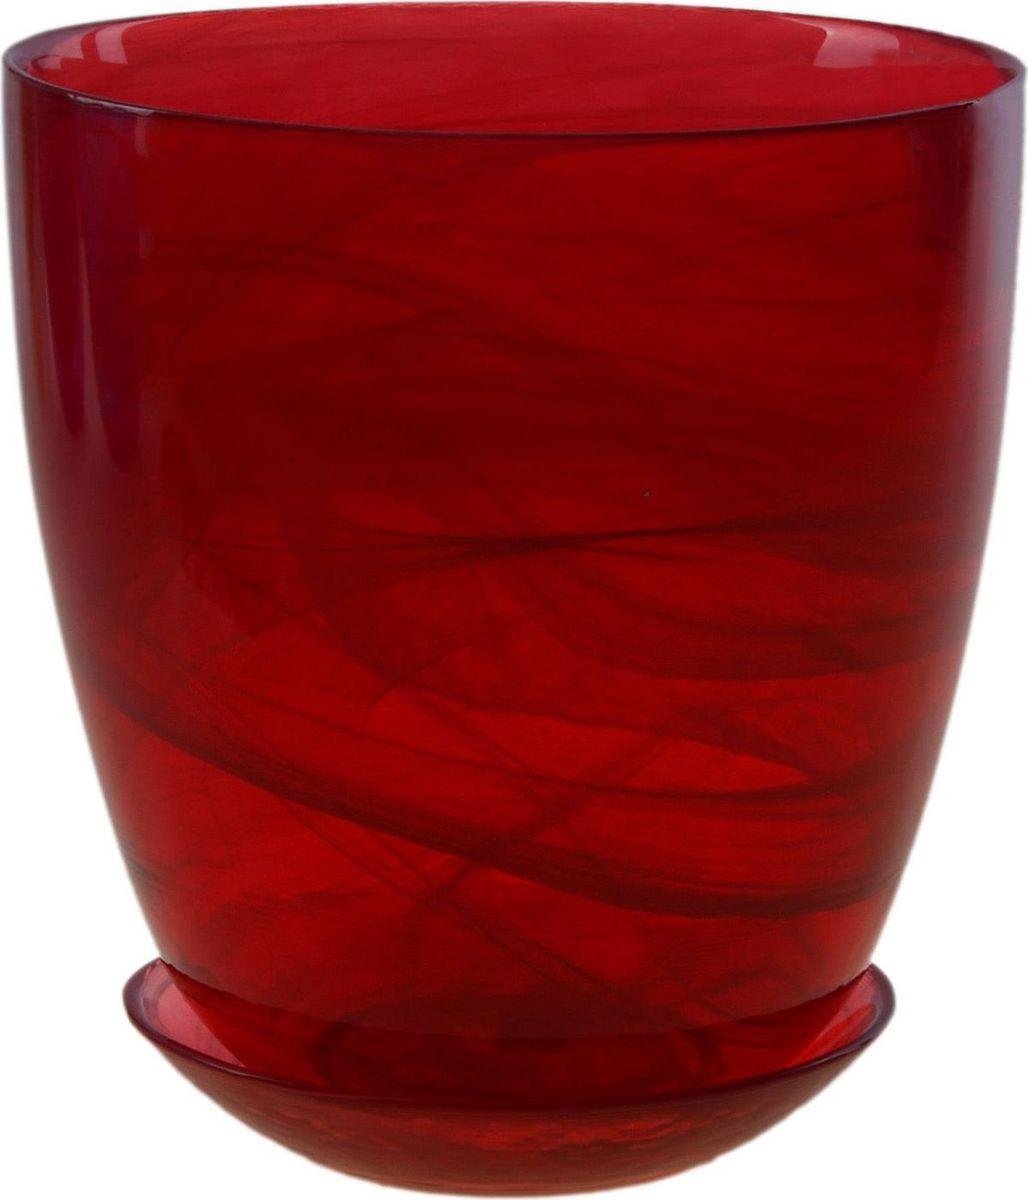 Кашпо NiNaGlass Гармония, с поддоном, цвет: рубиновый, 2 л607696Комнатные растения — всеобщие любимцы. Они радуют глаз, насыщают помещение кислородом и украшают пространство. Каждому цветку необходим свой удобный и красивый дом. Из-за прозрачности стекла такие декоративные вазы для горшков пользуются большой популярностью для выращивания орхидей. #name# позаботится о зелёном питомце, освежит интерьер и подчеркнёт его стиль!